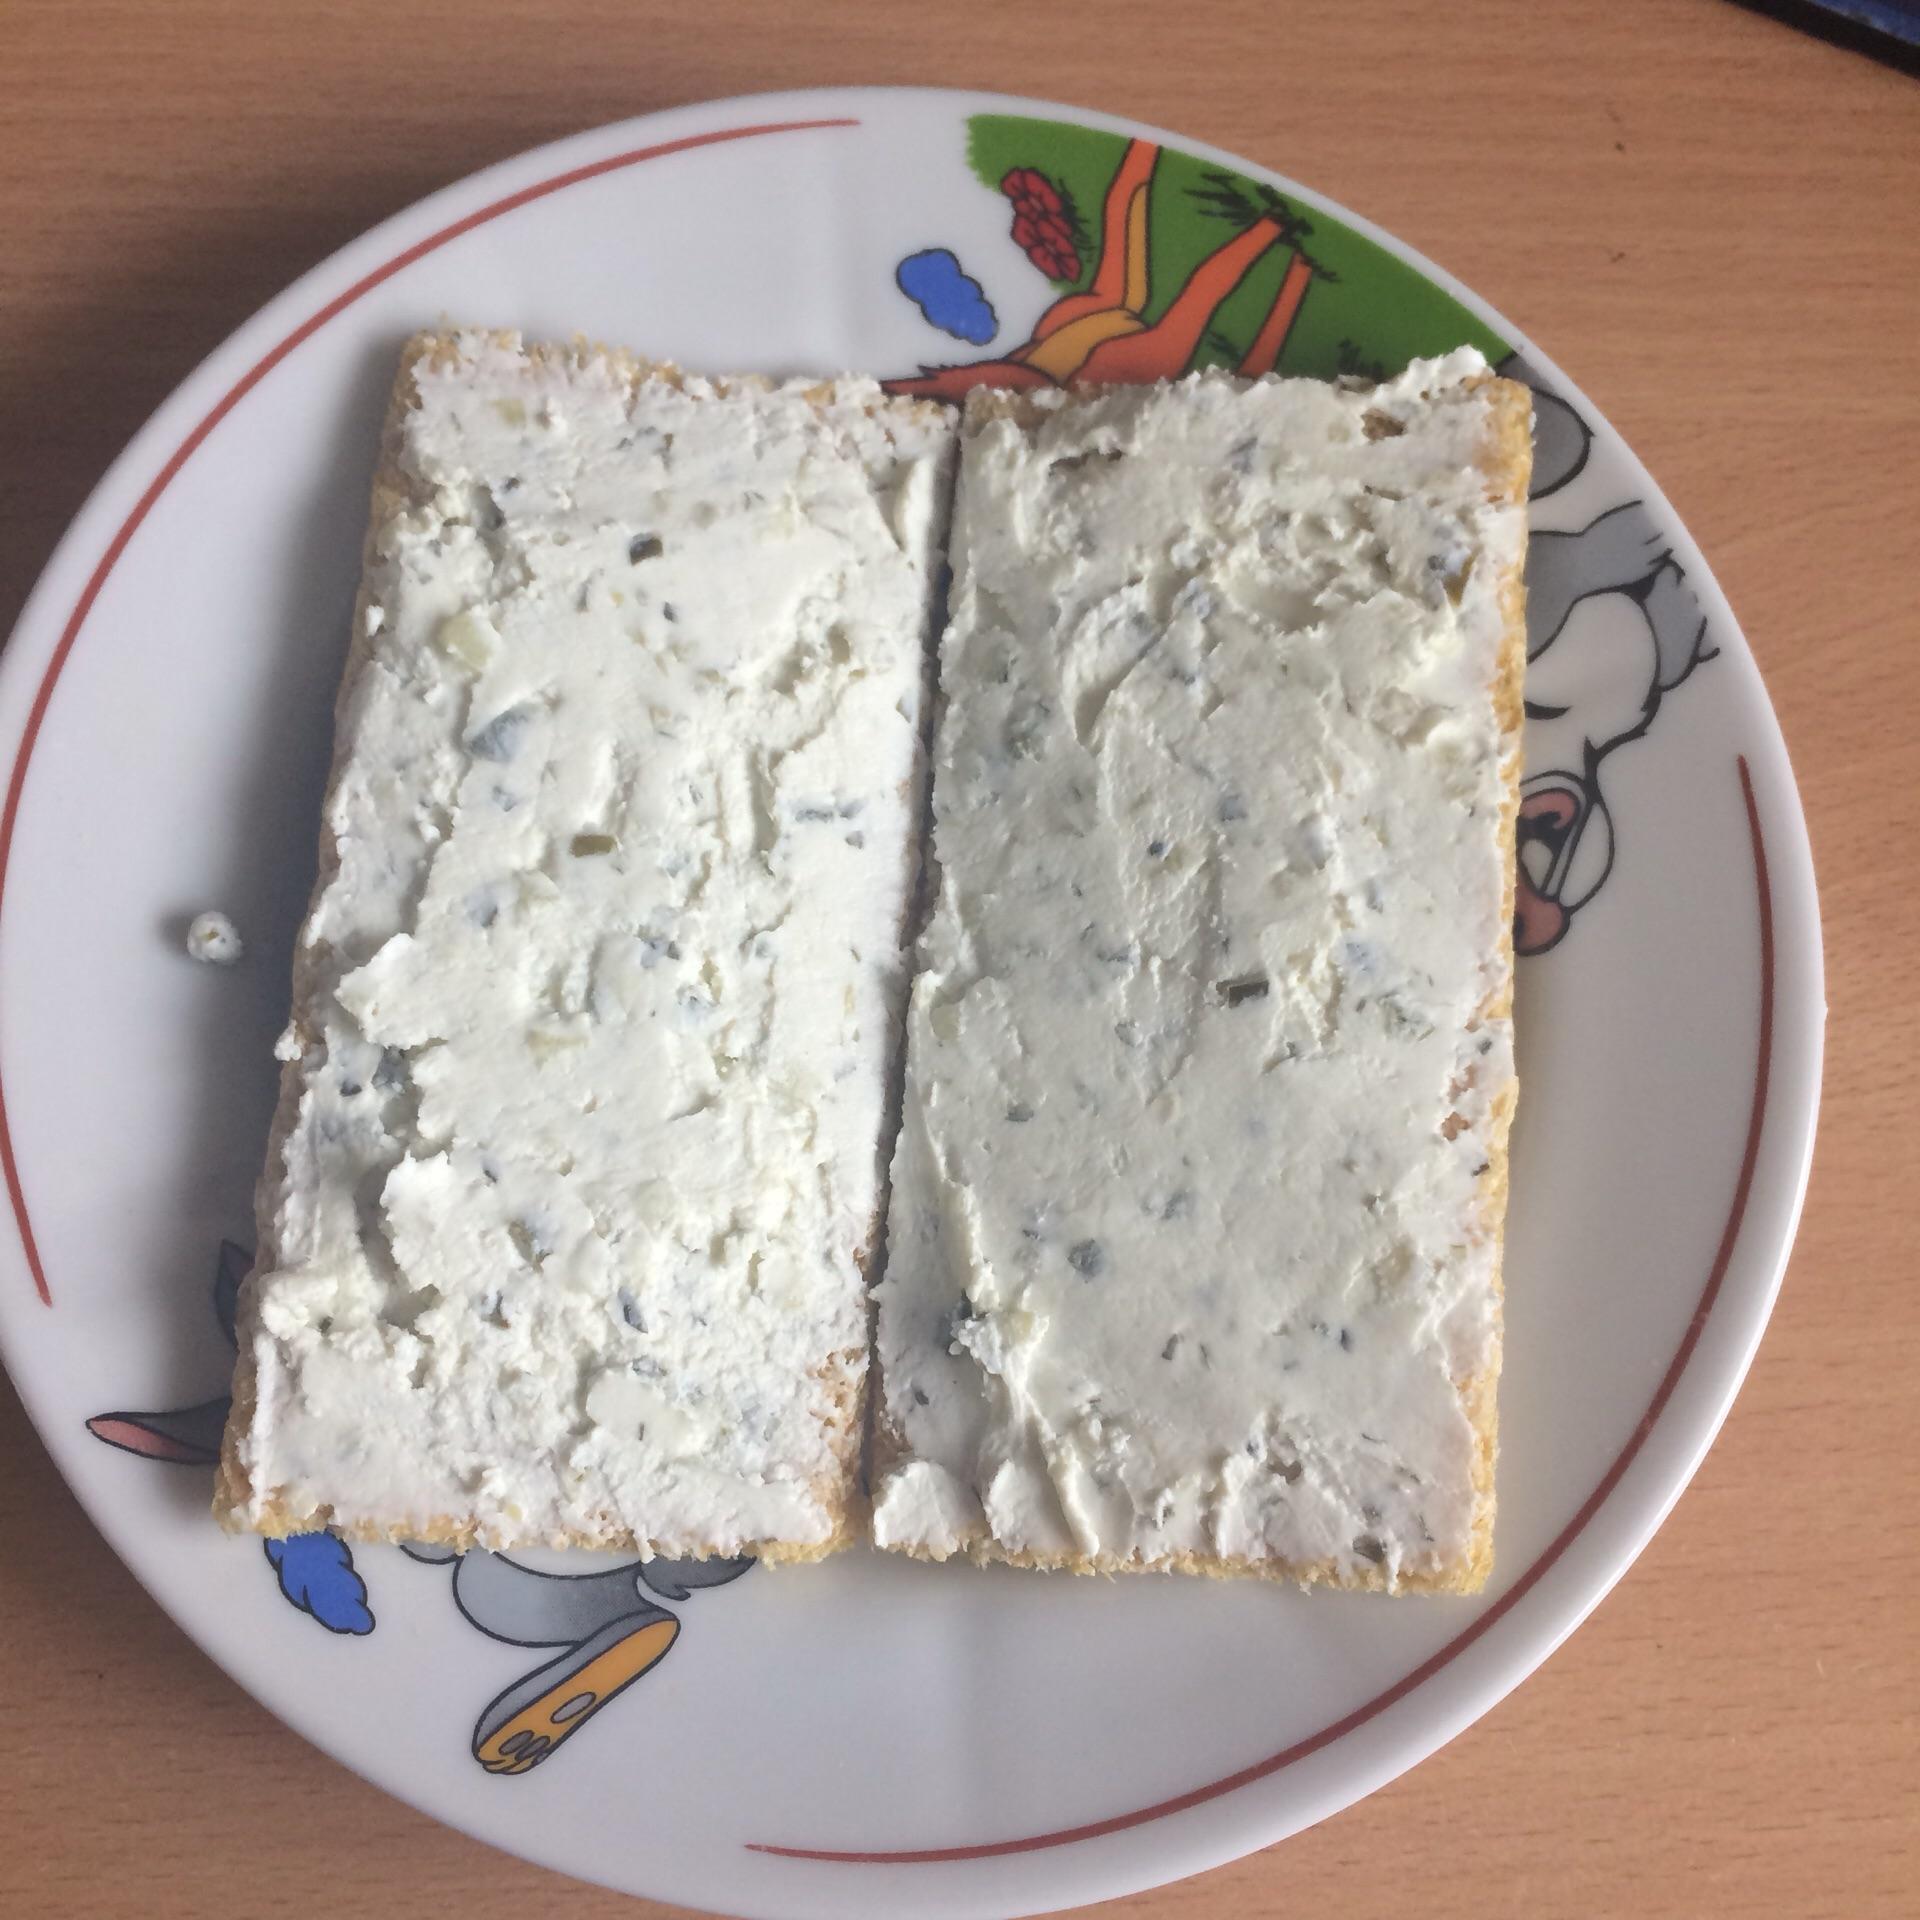 Хлебцы На Ужин Для Похудения. Можно ли есть хлебцы при похудении - польза, вред и калорийность